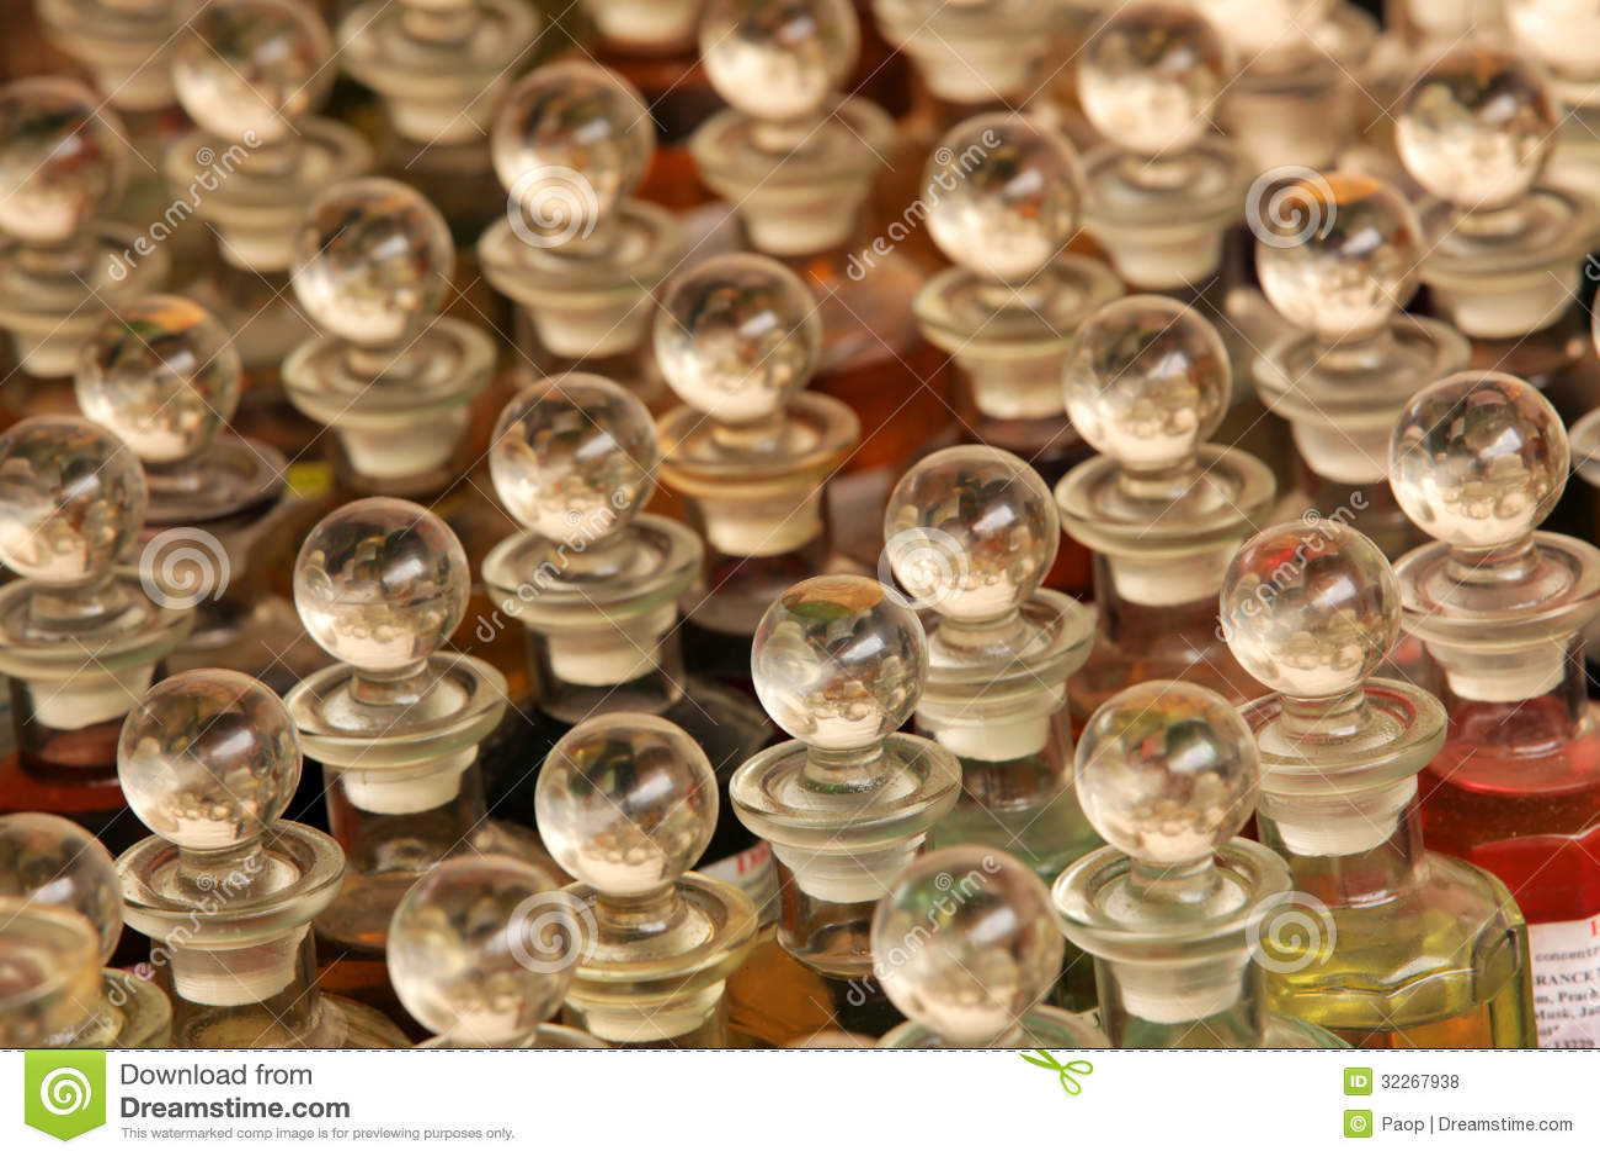 bottles market oils scented - Scented Oils